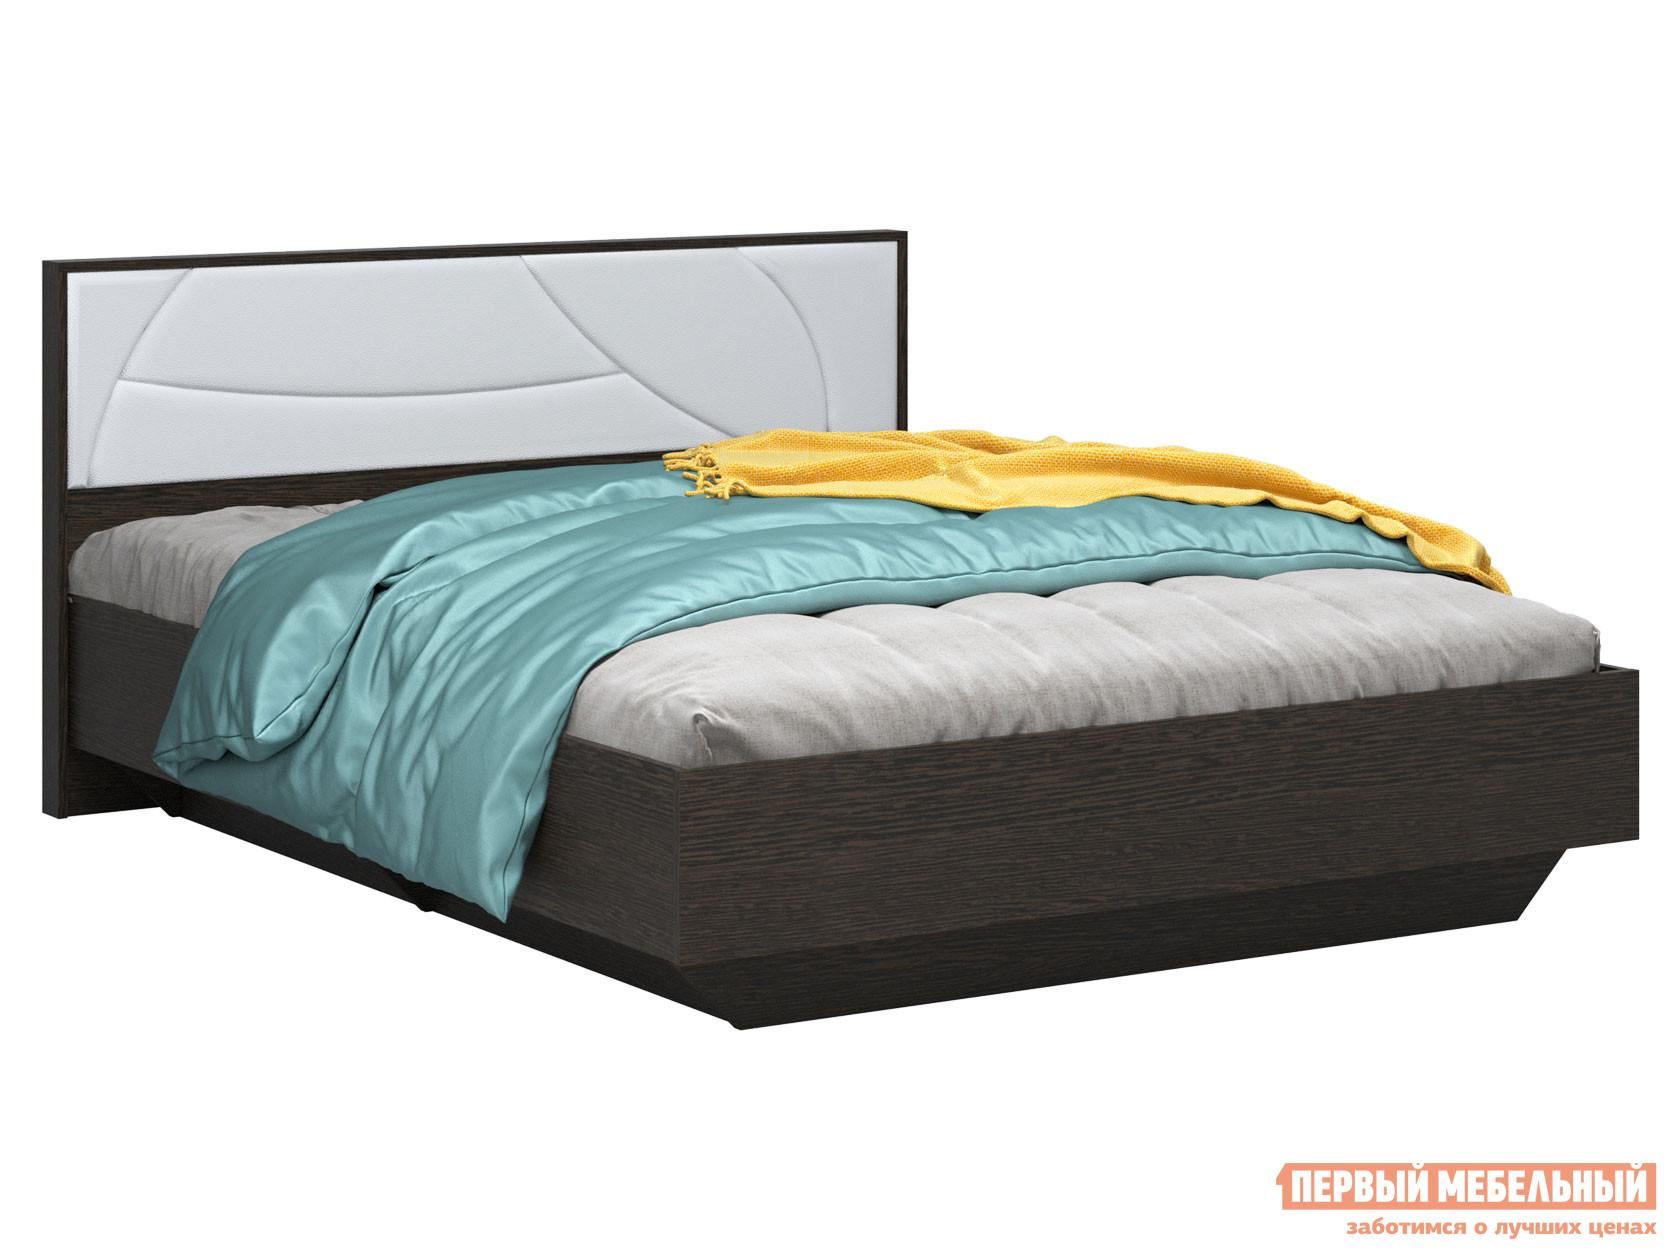 Односпальная кровать  Мирти Люкс Венге / Белый, экокожа, С анатомическим основанием